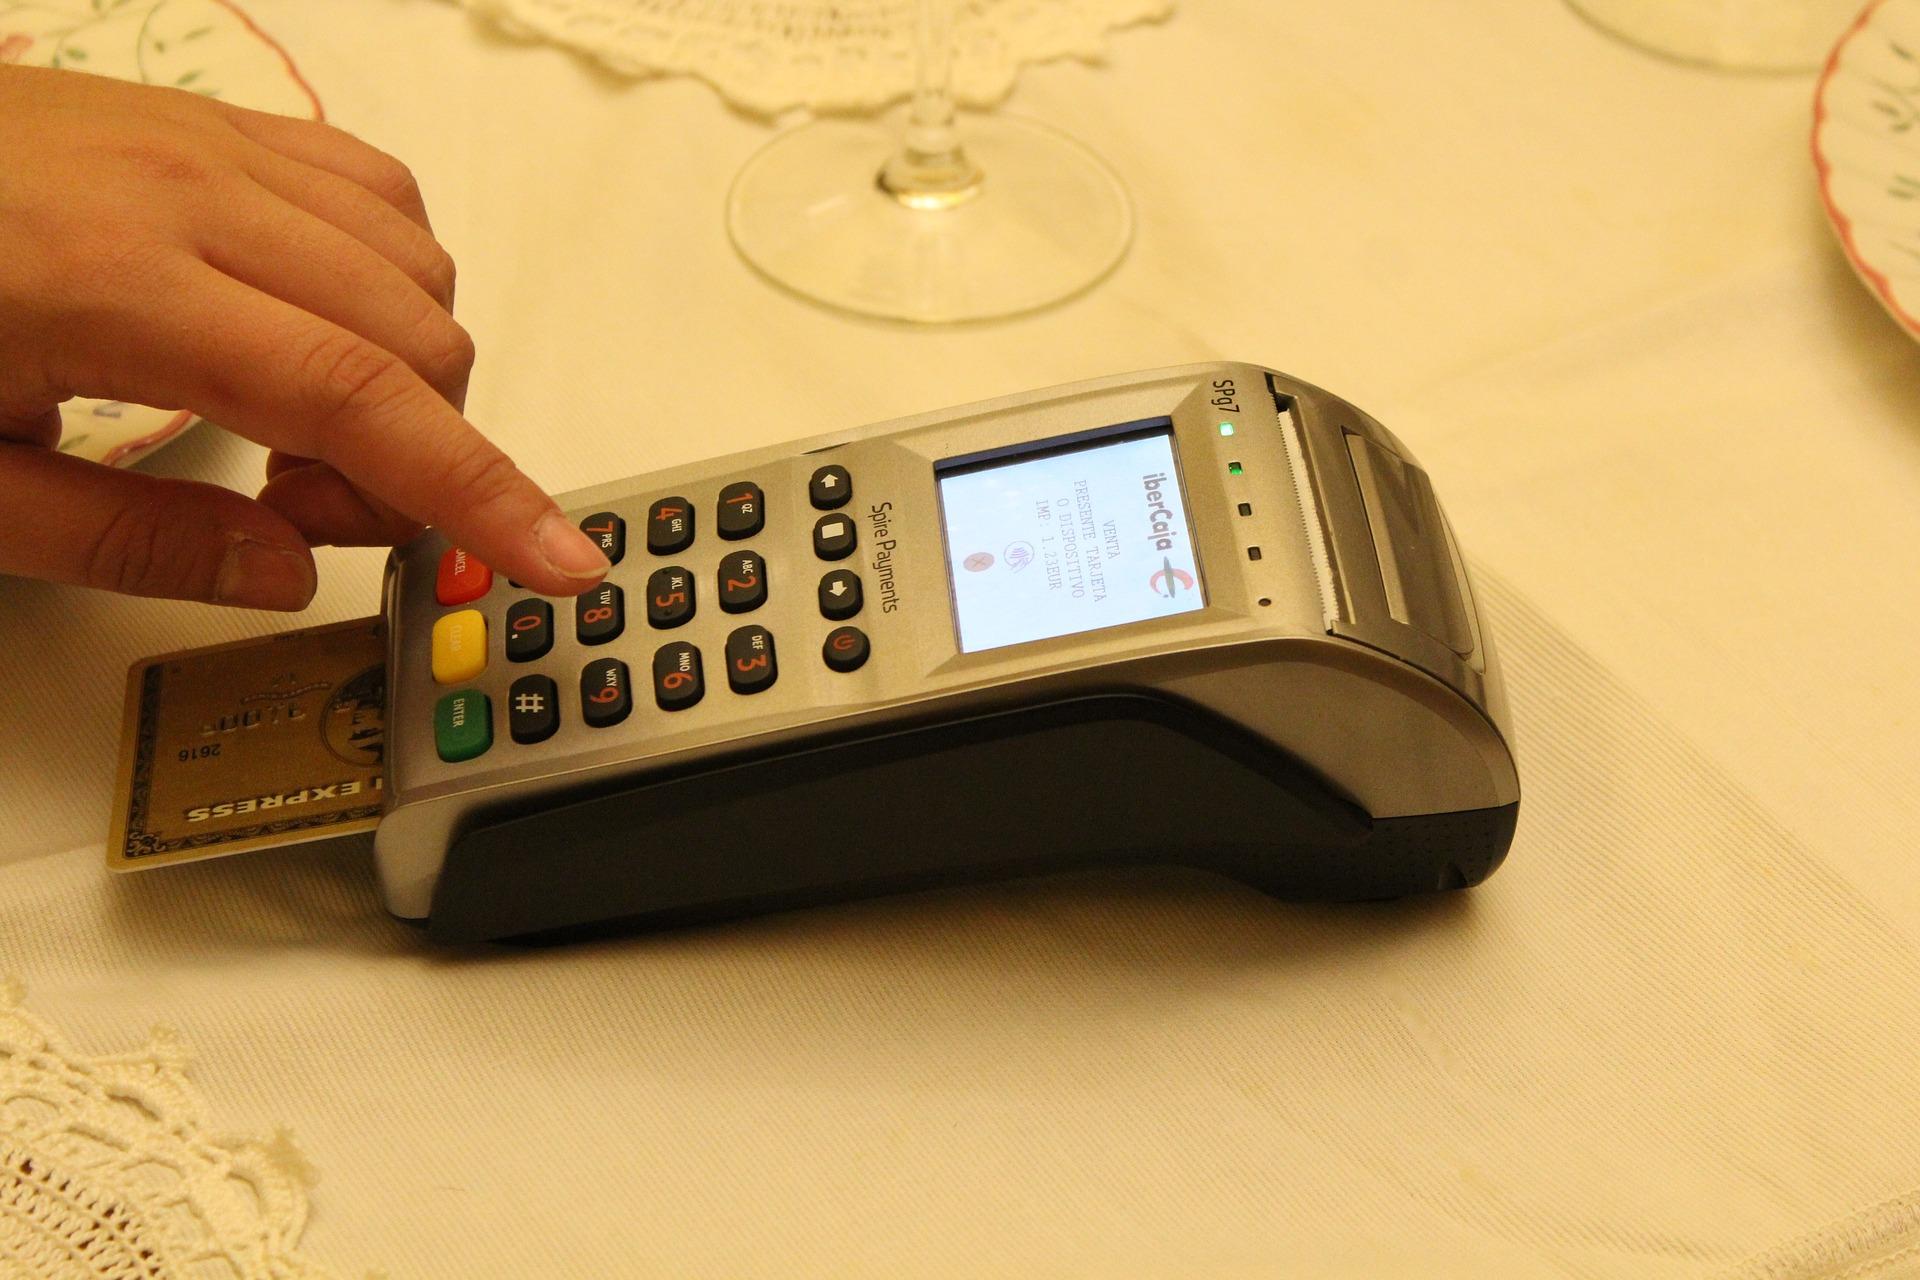 転売(せどり)をする時に使えるおすすめクレジットカード5選